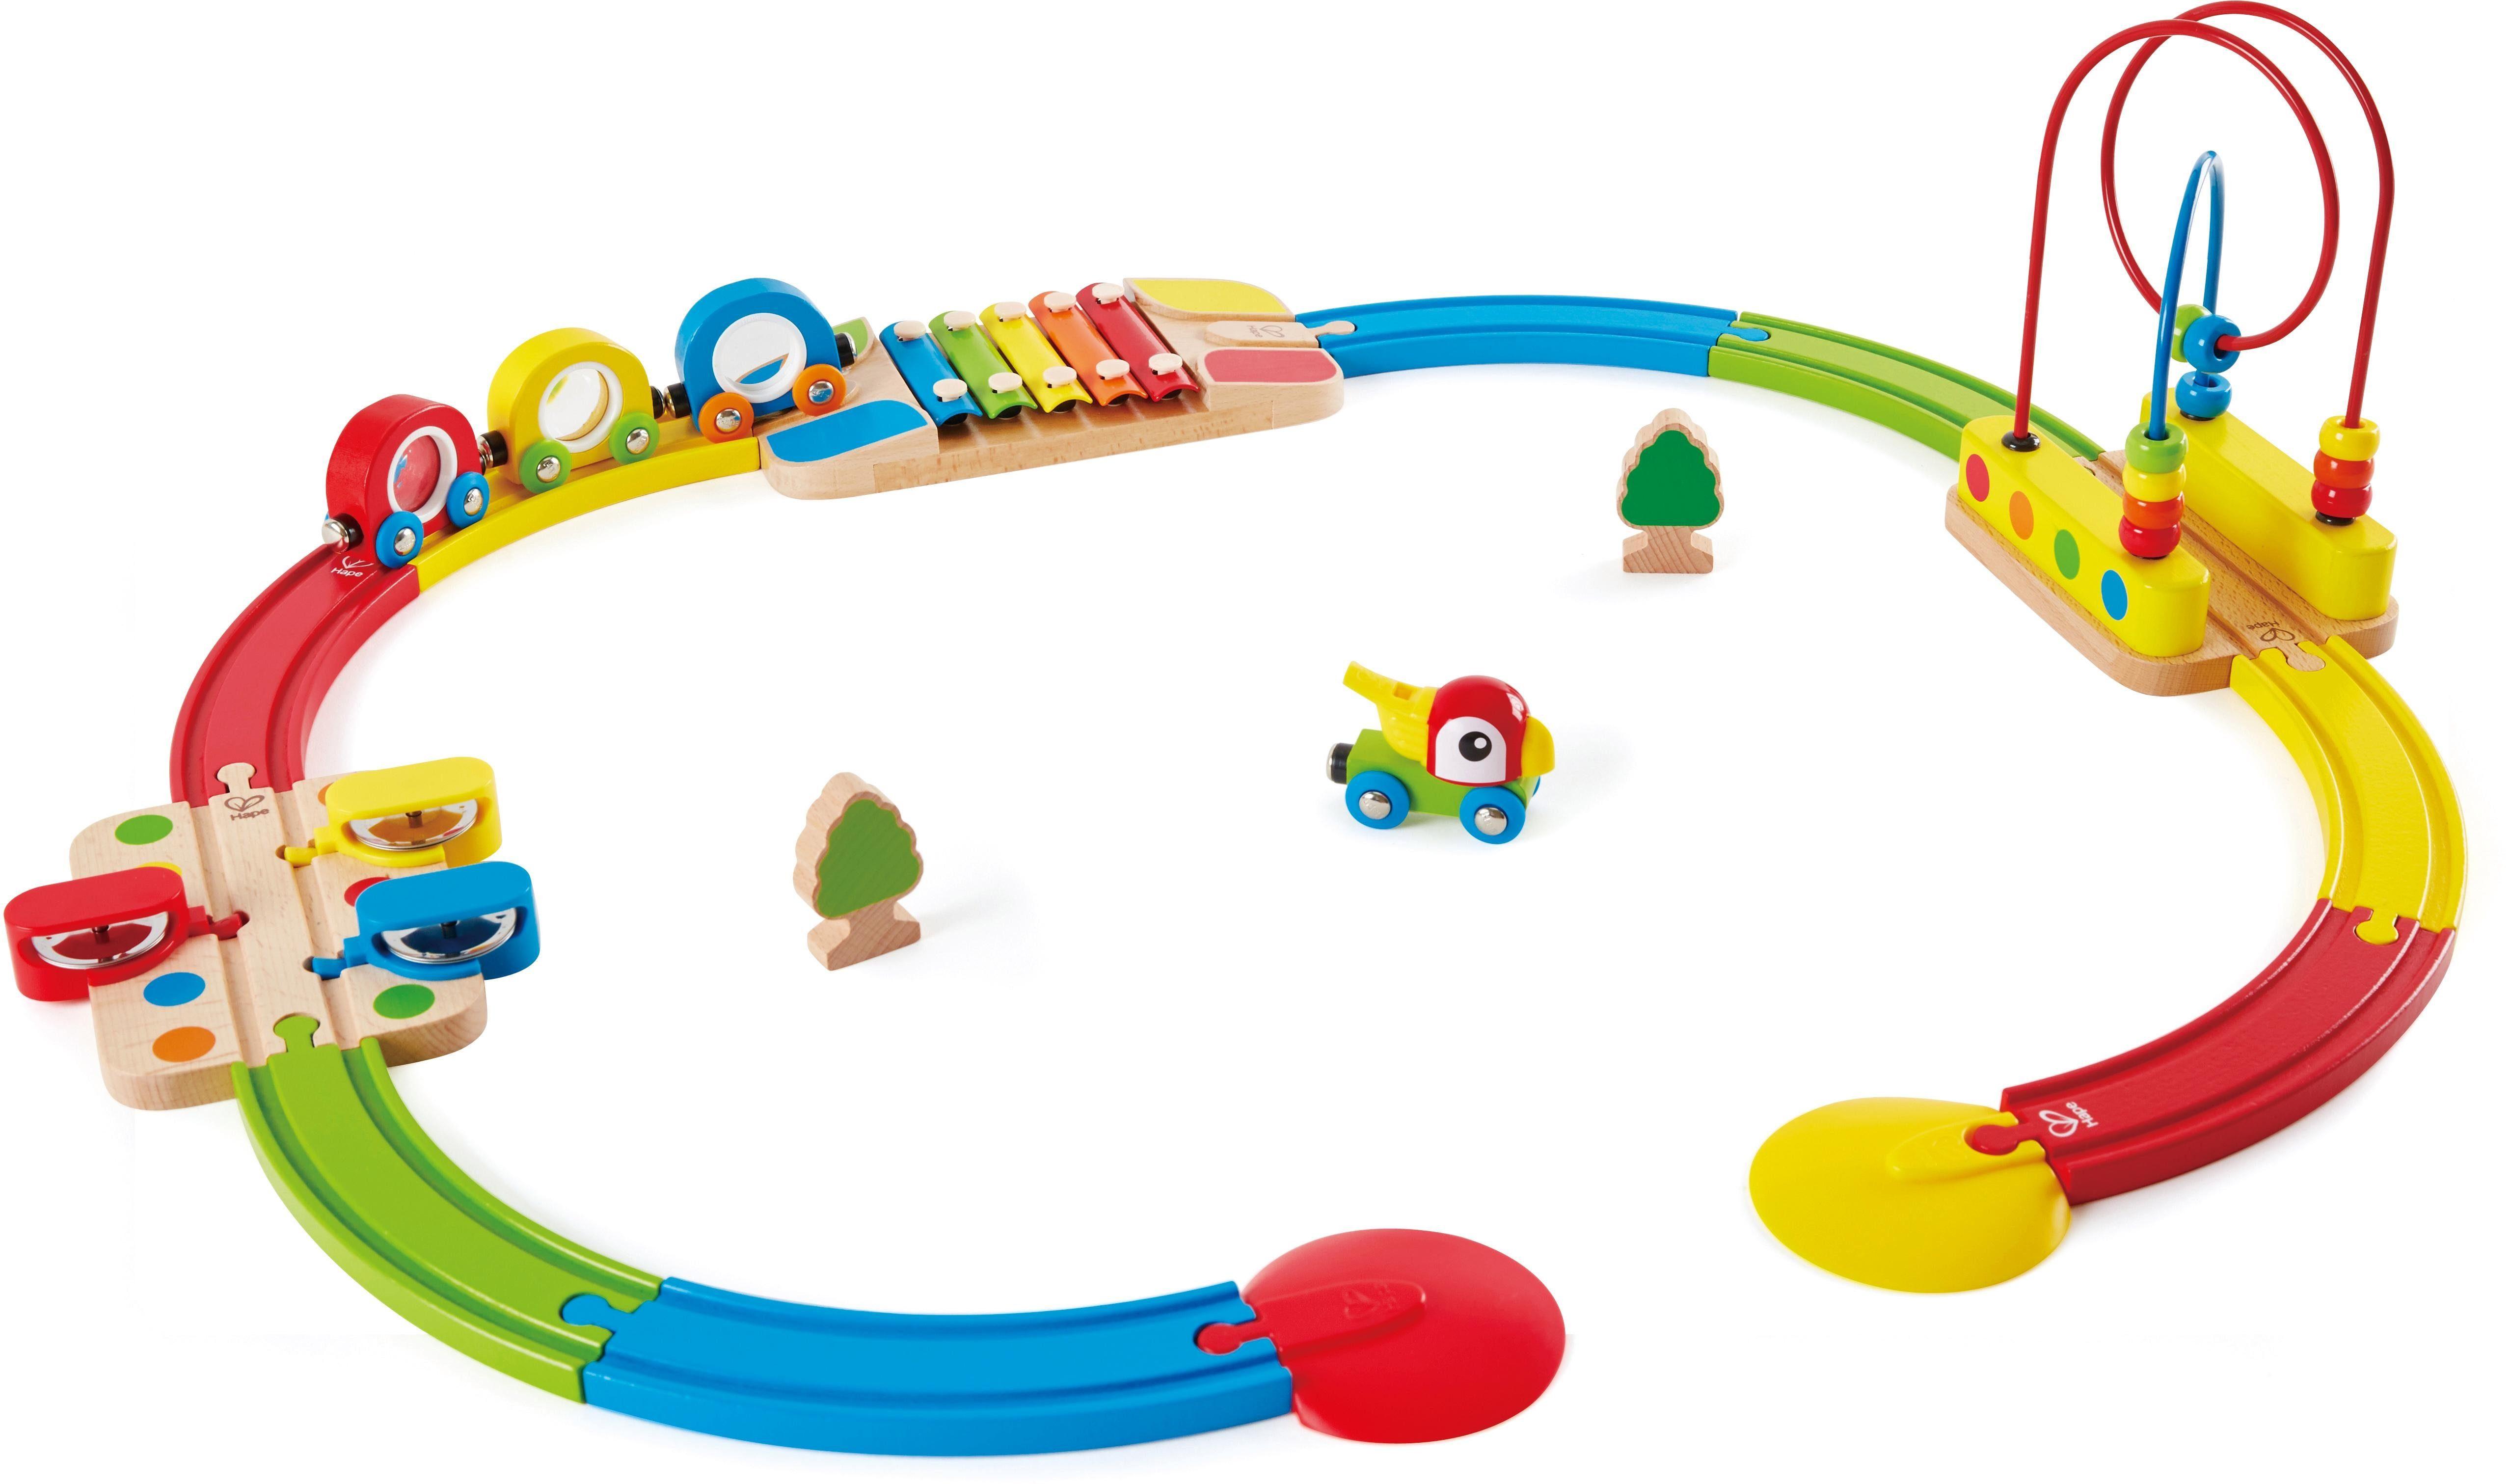 Holzspielzeug Hape Schienenelement mit Regenbogen-Perlenlabyrinth Zubehör zur Eisenbahn#